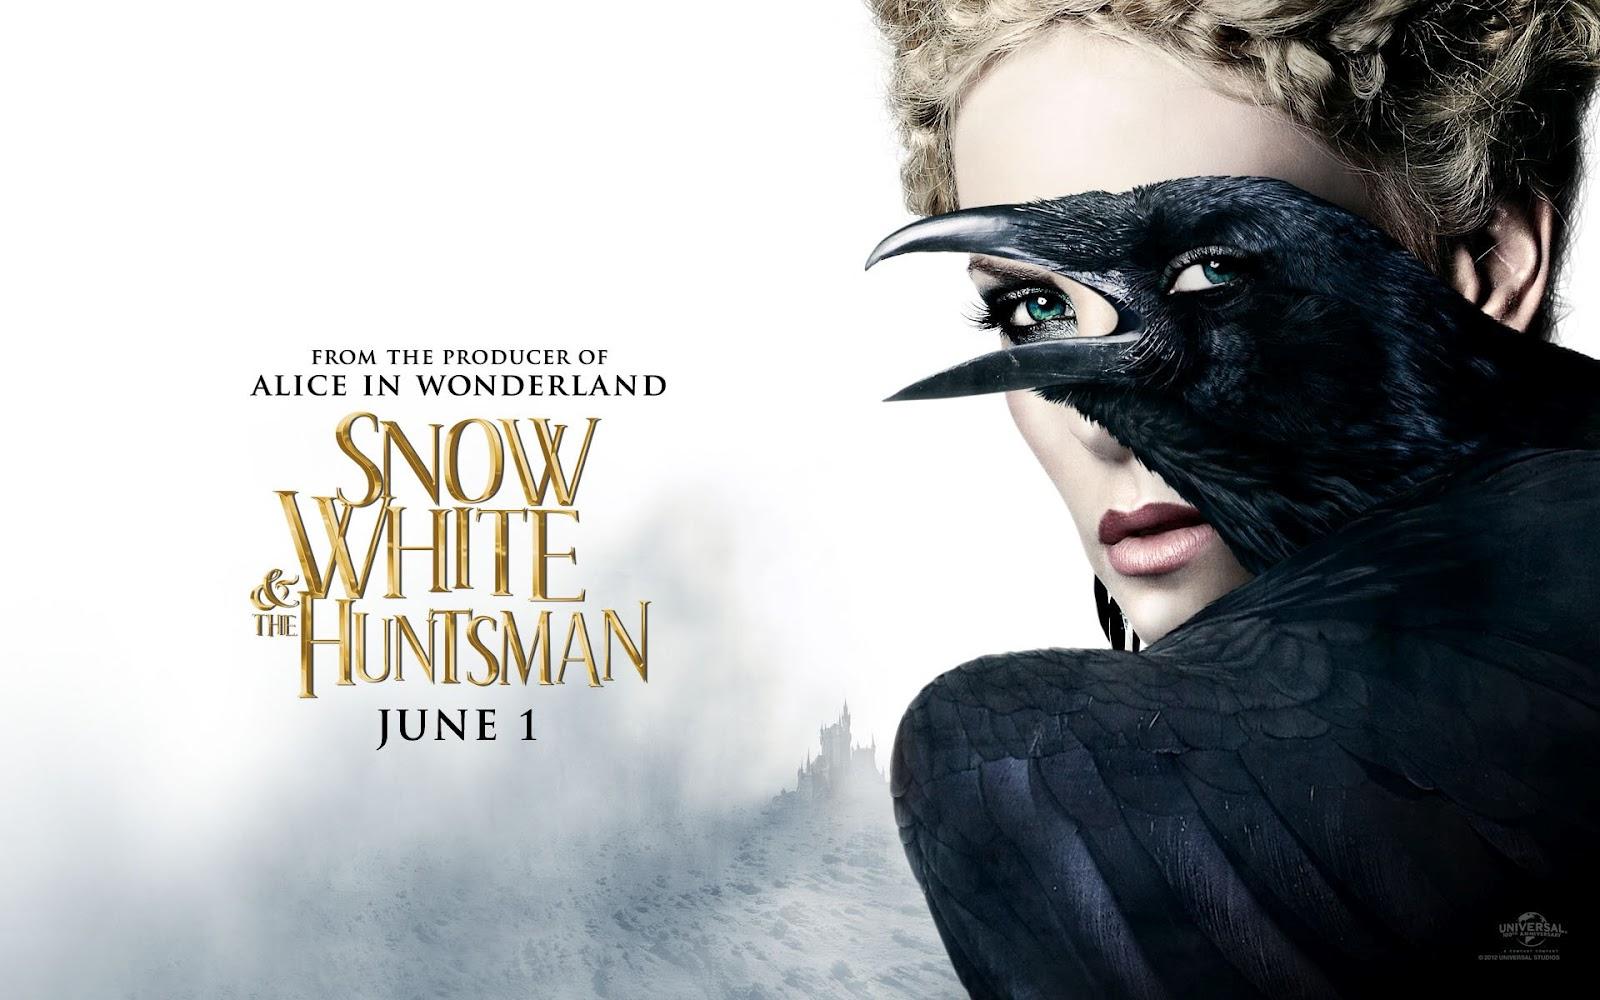 http://1.bp.blogspot.com/-mAIvdJZ94ok/T_Pyl9fHtsI/AAAAAAAAAok/5U5ojQUOJjM/s1600/2012_snow_white_and_the_huntsman_wall_007.jpg